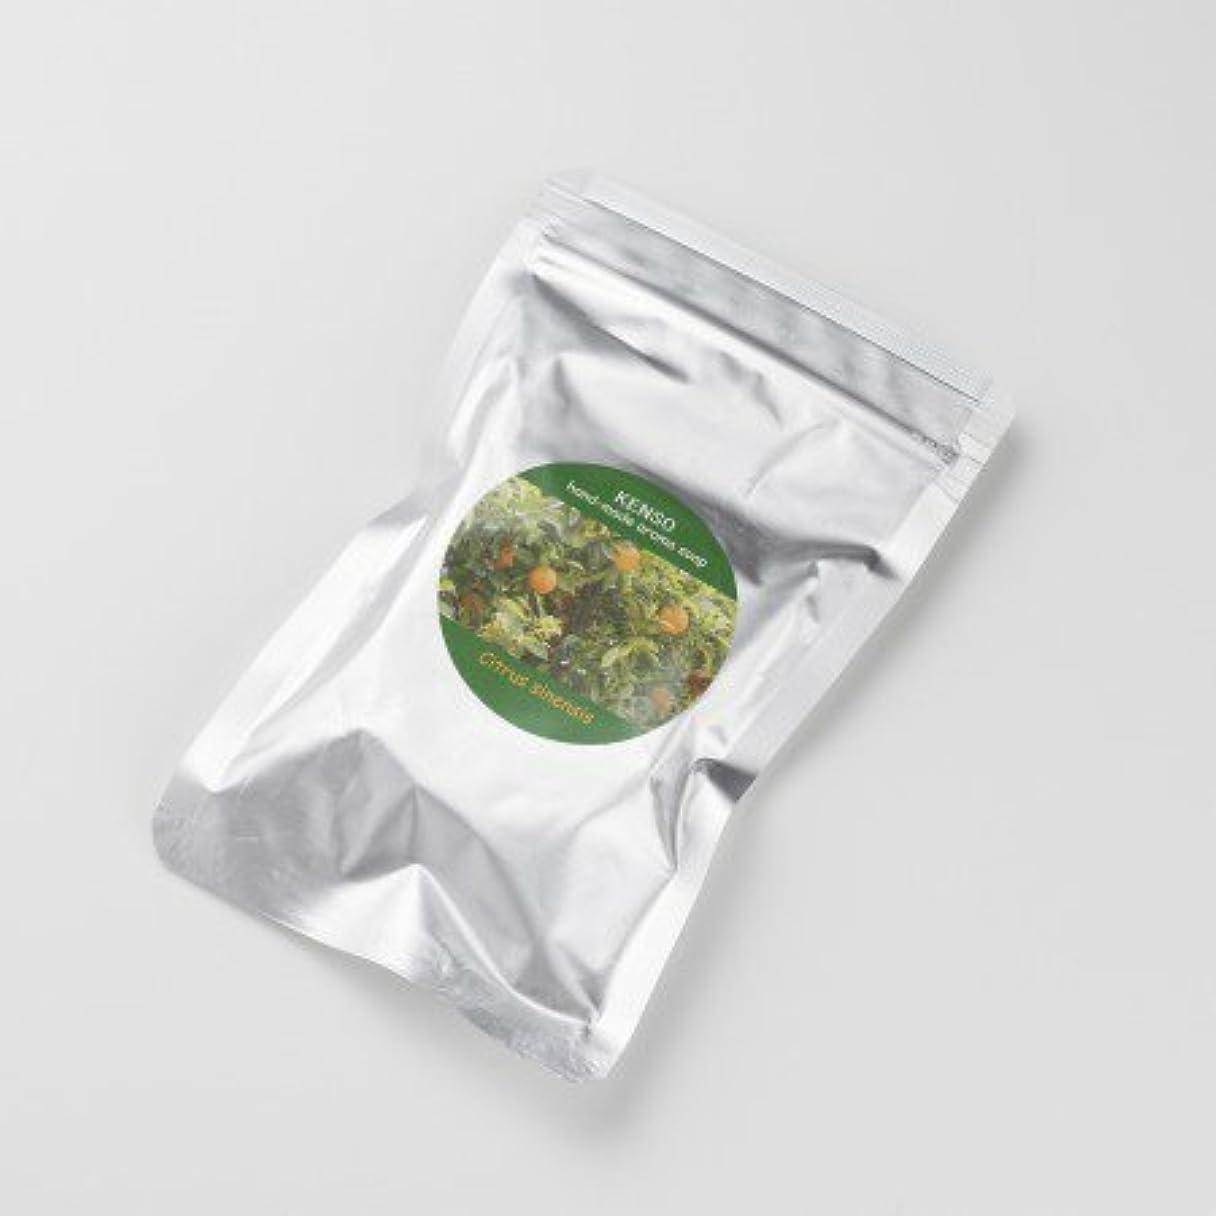 バイアスミケランジェロ対応するケンソー アロマグリセリンソープ オレンジソープ 石鹸 50g